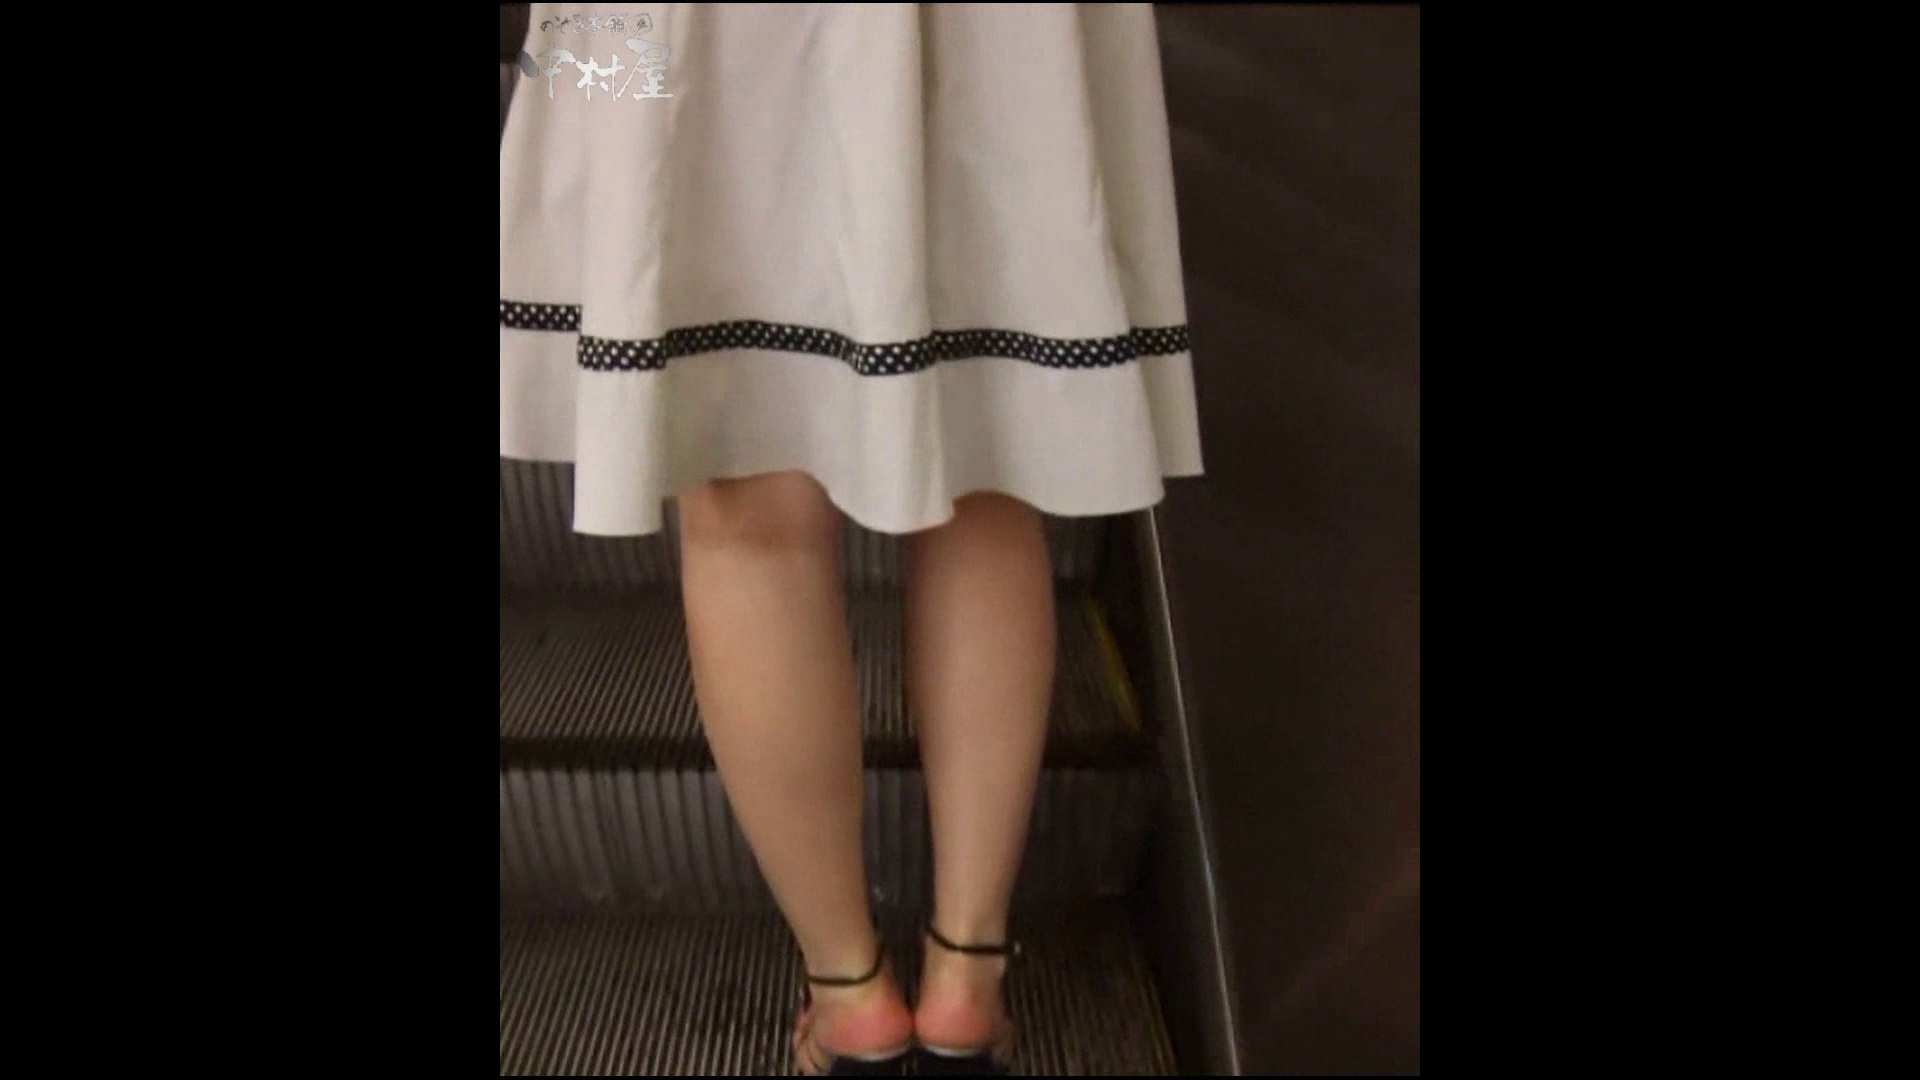 綺麗なモデルさんのスカート捲っちゃおう‼ vol26 お姉さん丸裸  80pic 48